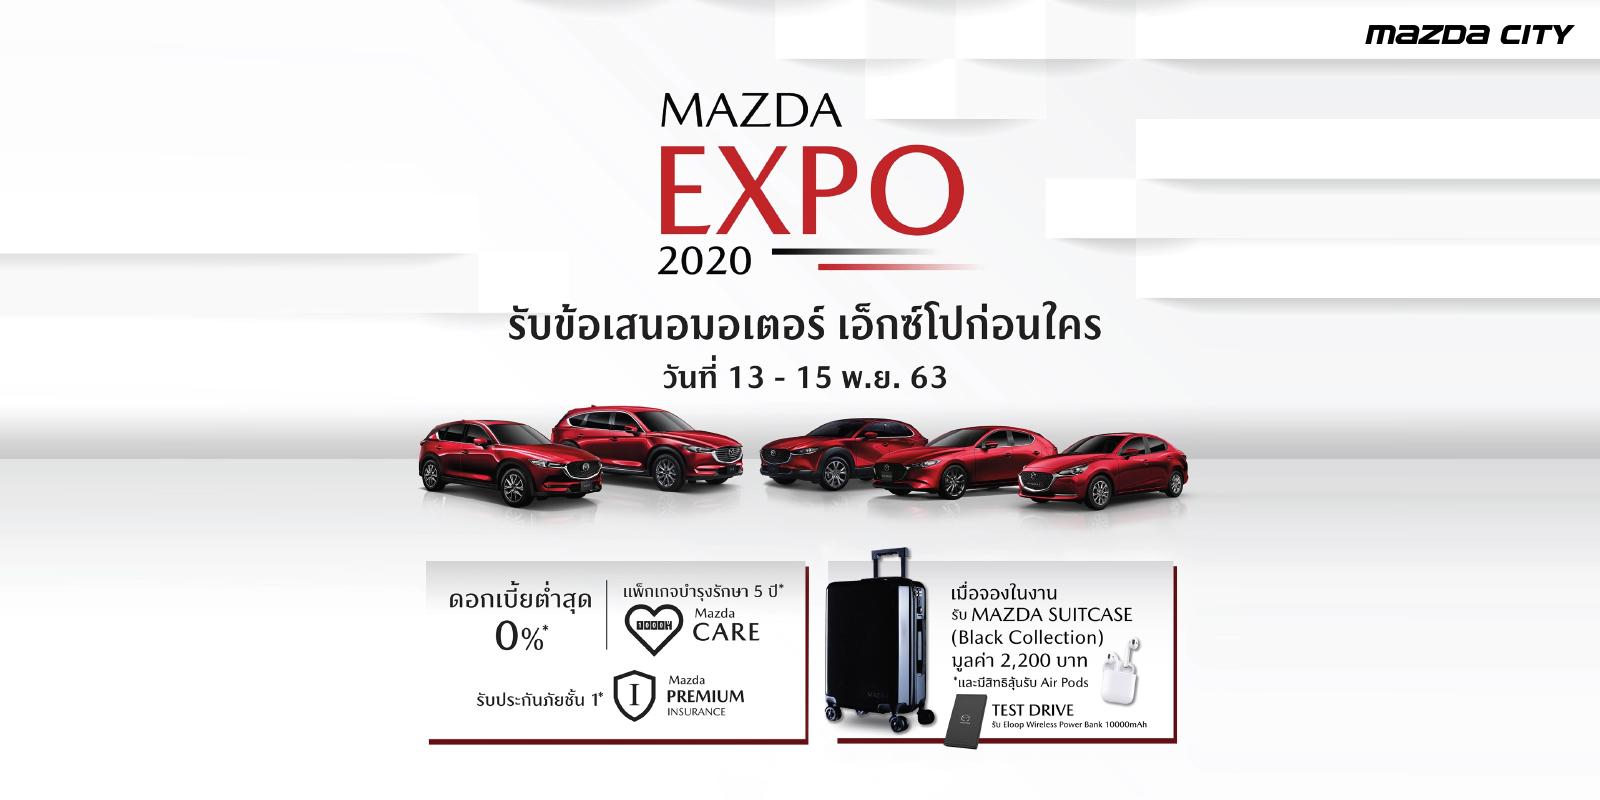 Mazda_EXPO_2020_02